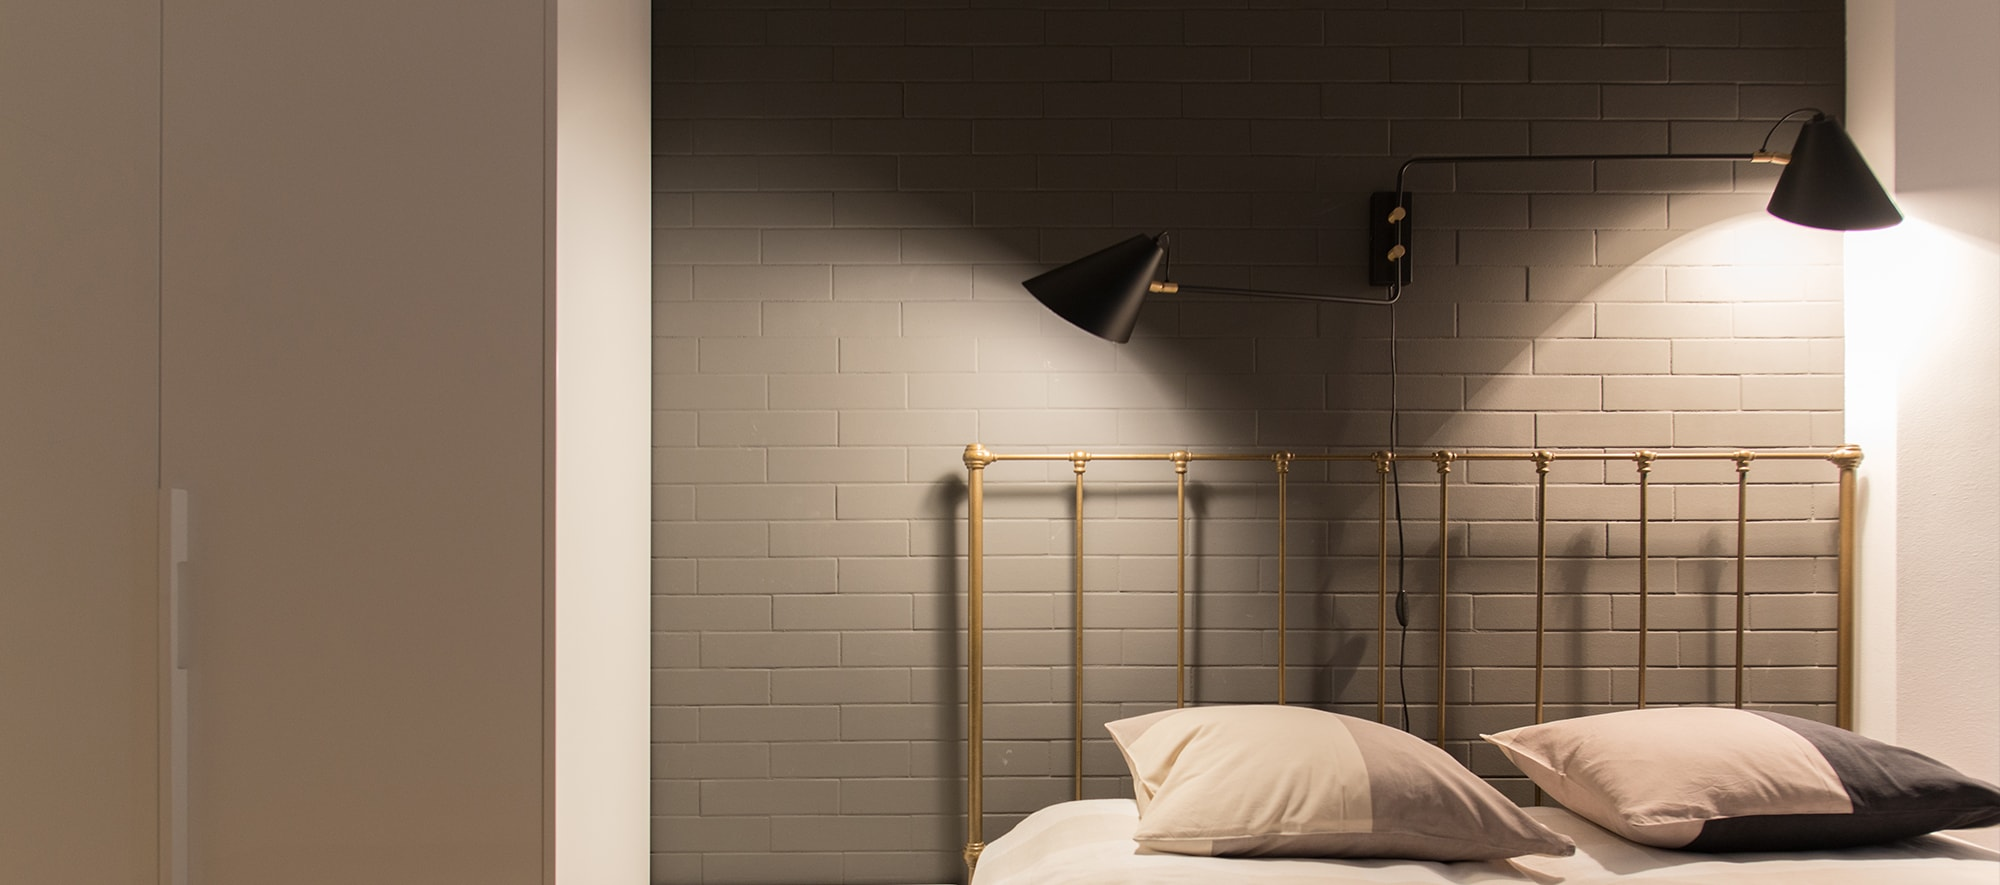 dormitor-2-g-slide-min